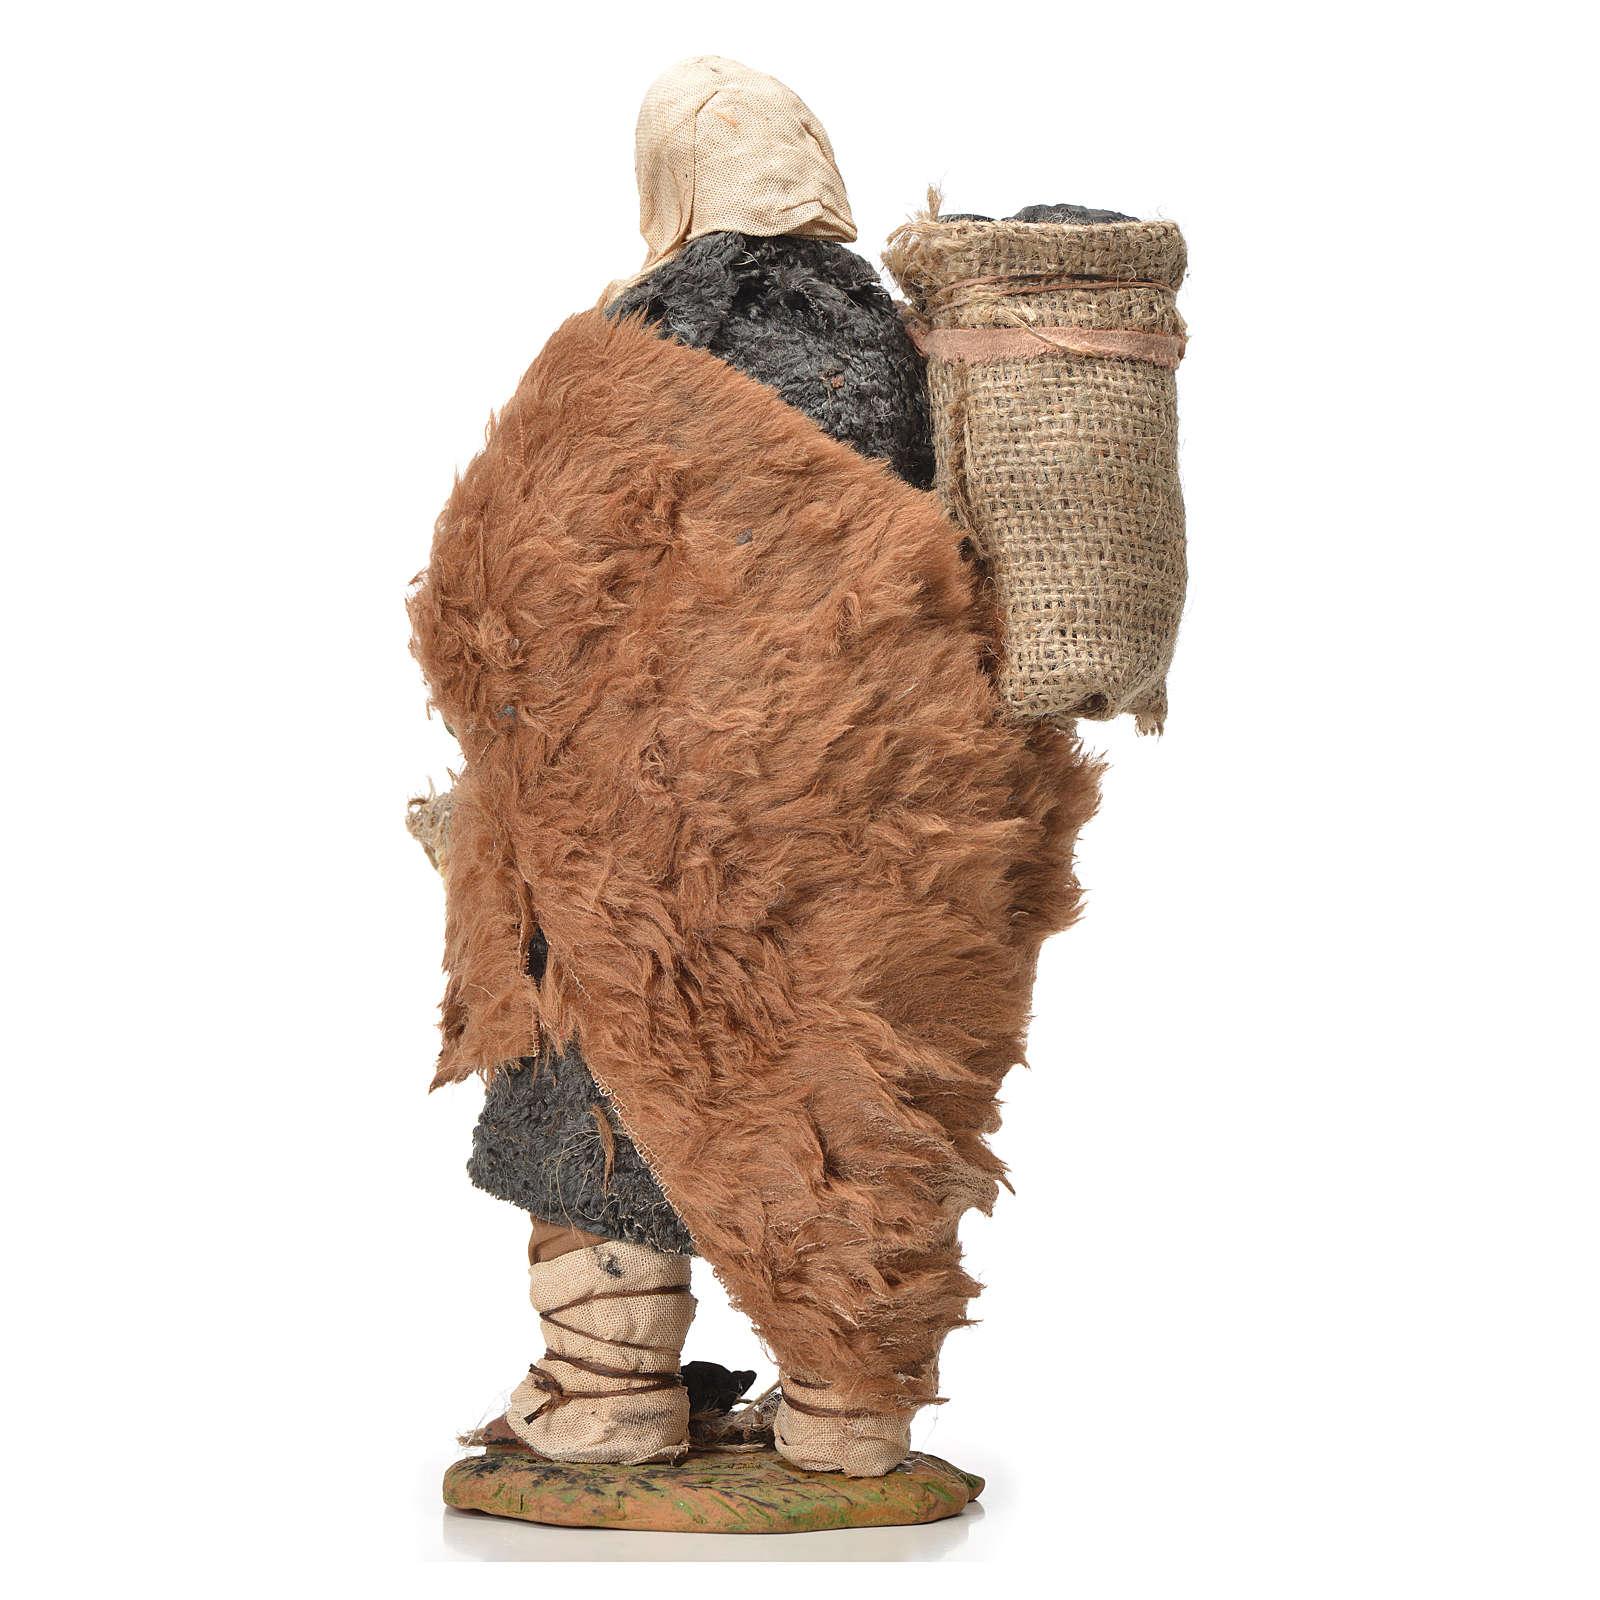 Carbonaio sacco spalla 24 cm presepe napoletano 4